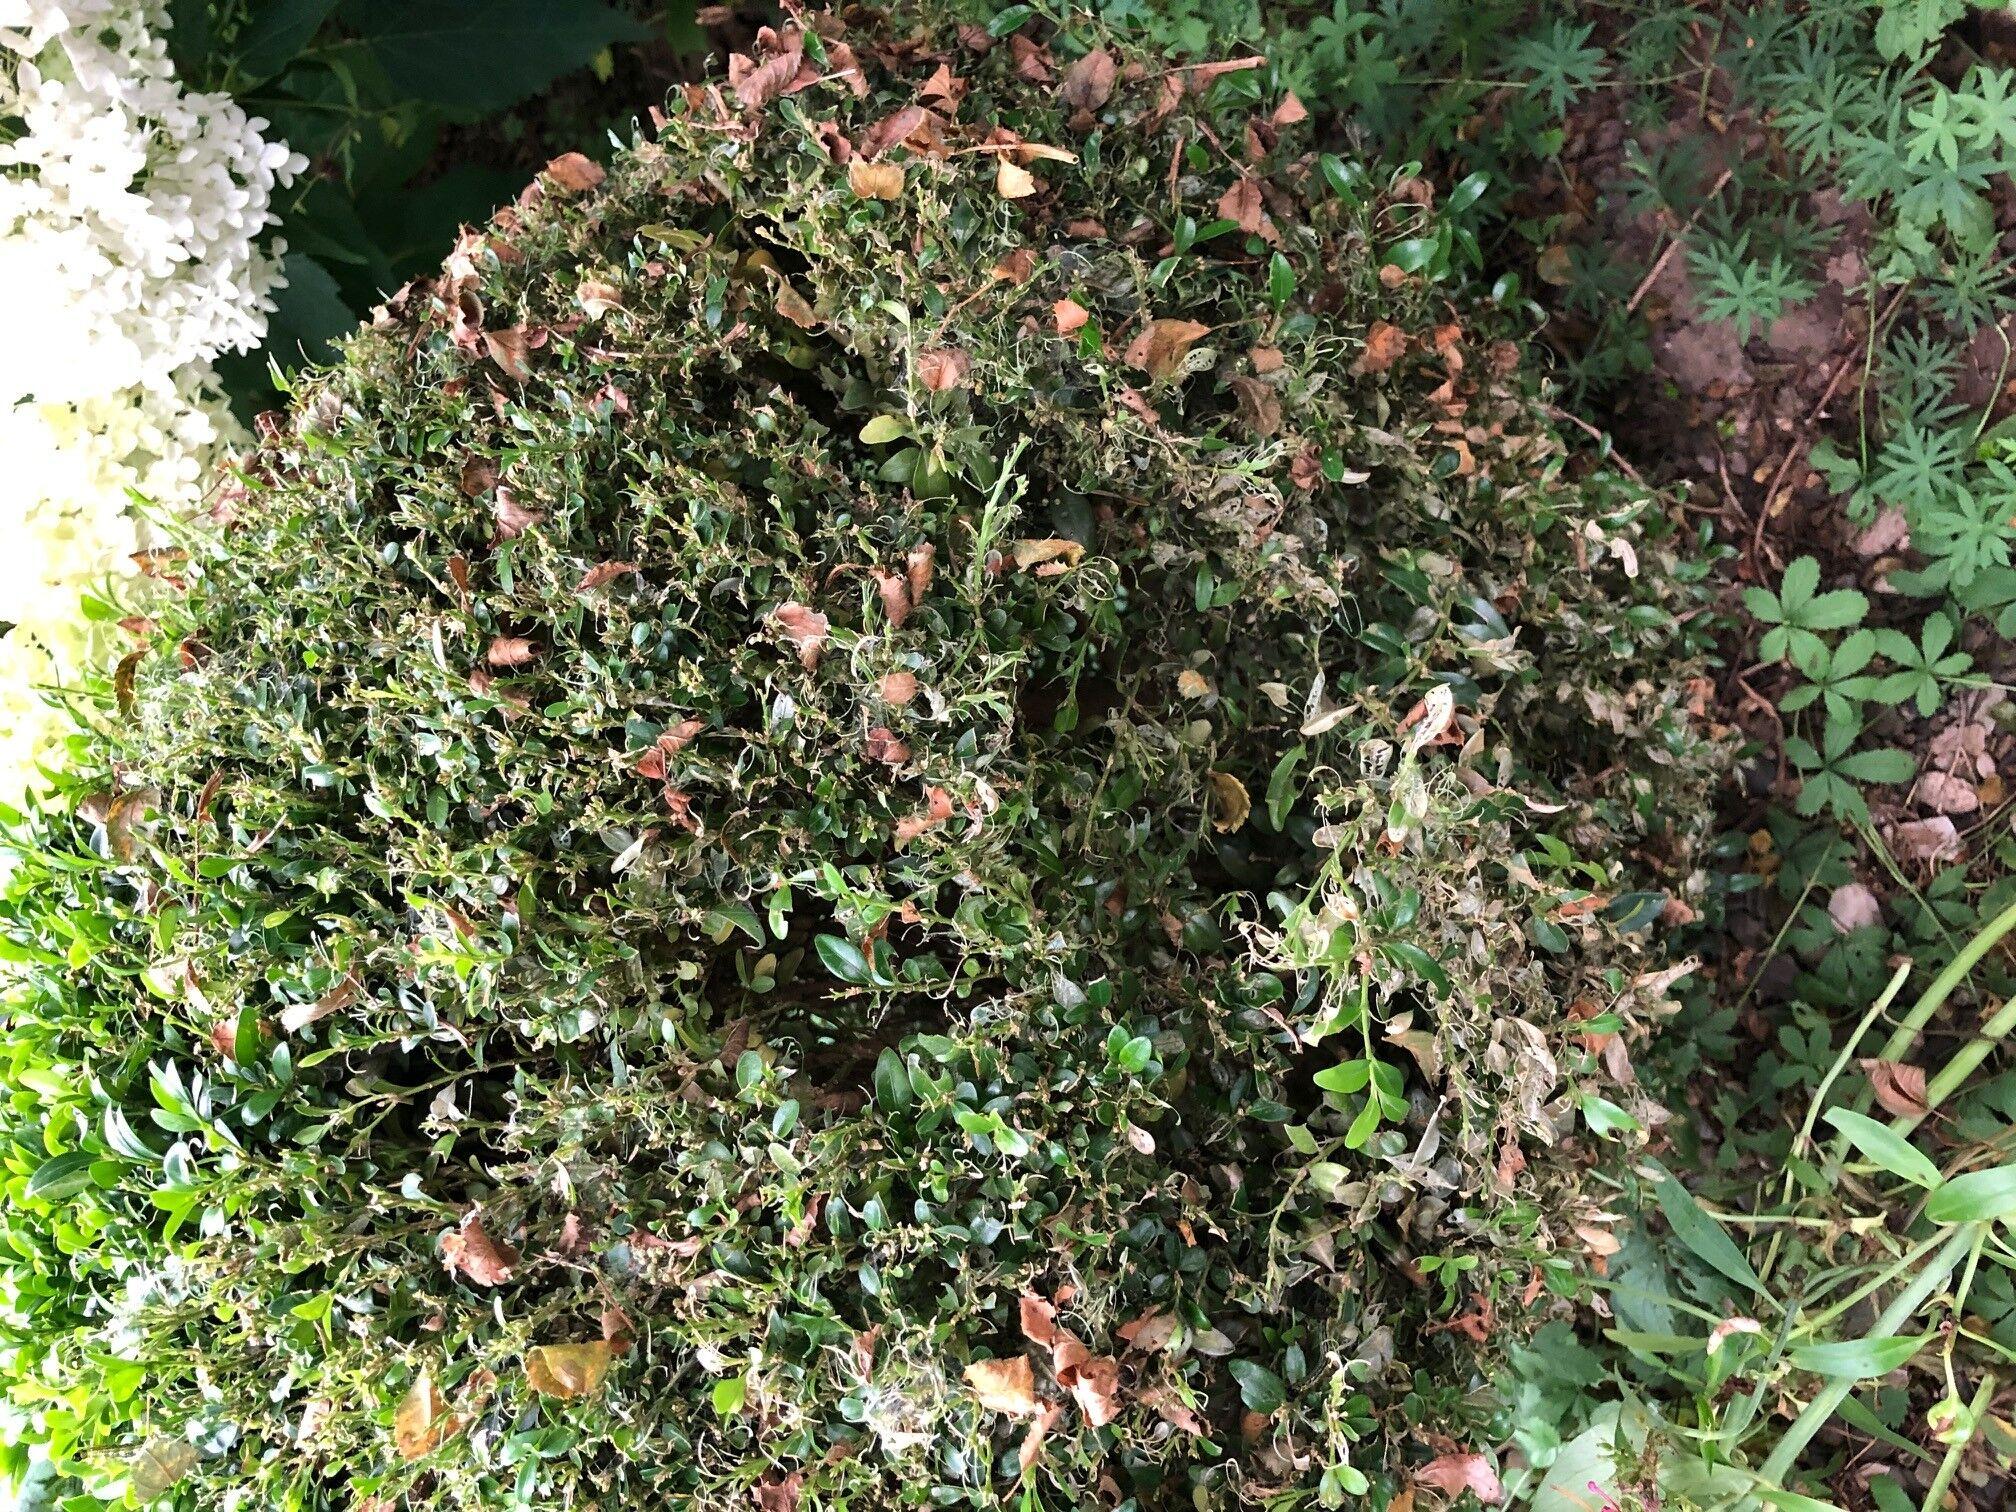 Kahlfraß durch den Buchsbaum-Zünsler. Foto: Umweltstation Weismain/Michael Stromer